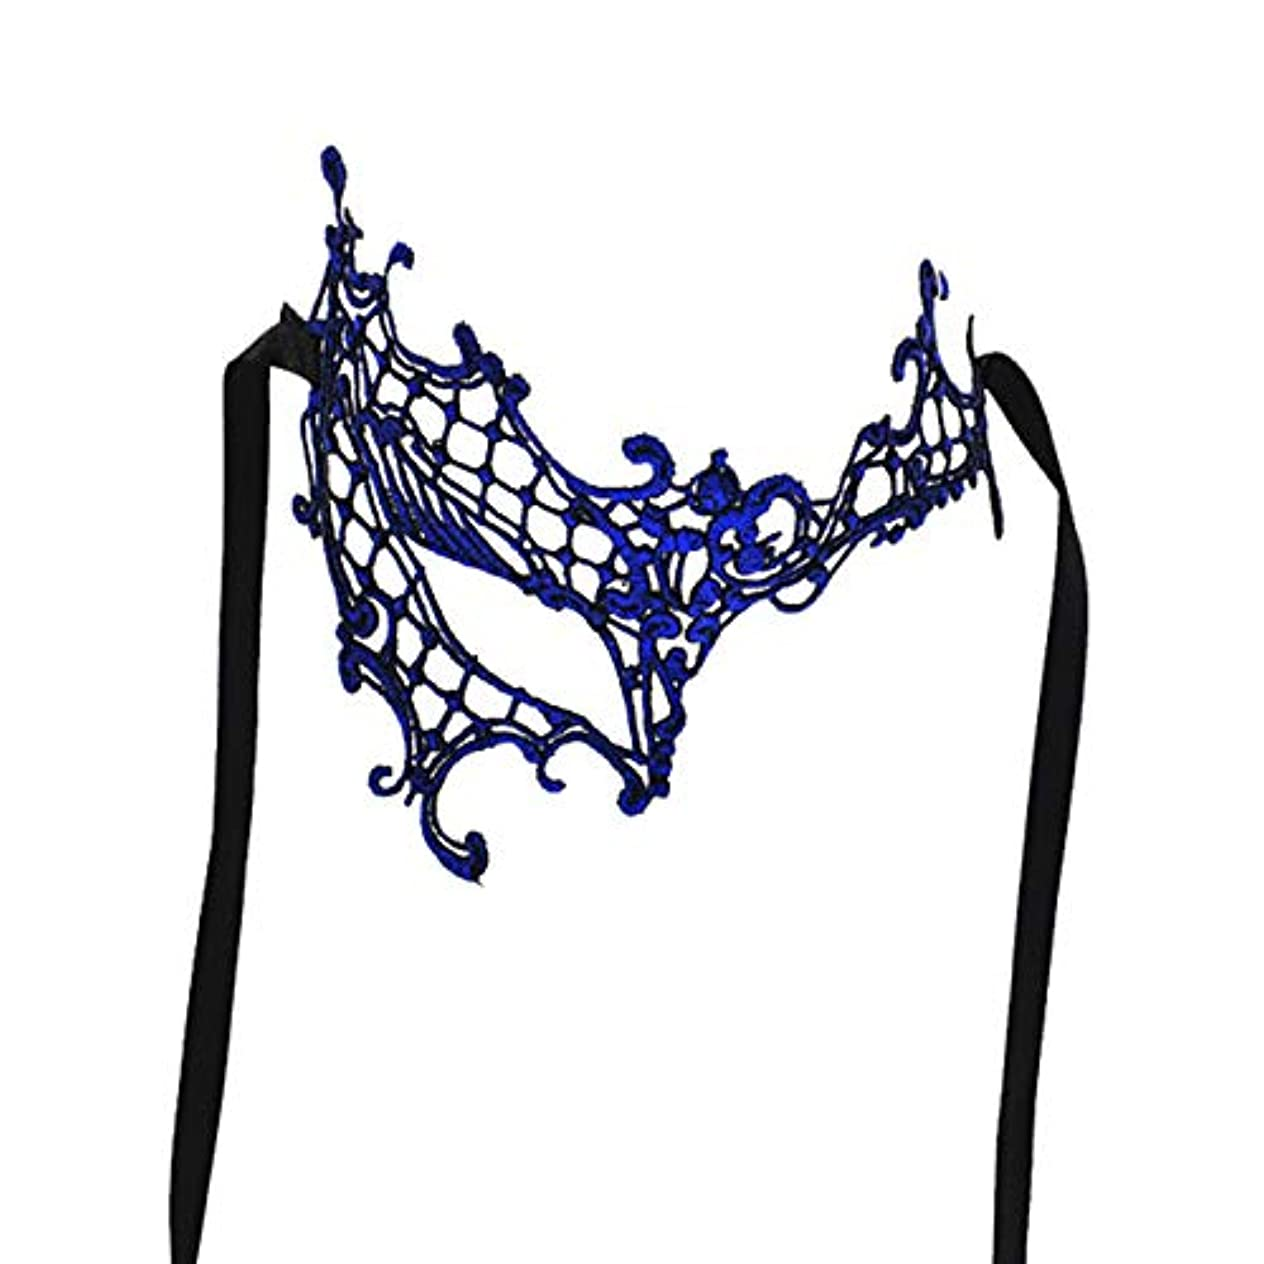 ベジタリアン対称普及カラフルなメタルマスクブロンズホットシルバーレースマスクハロウィンマスクホリデーパーティーレトロパーティー